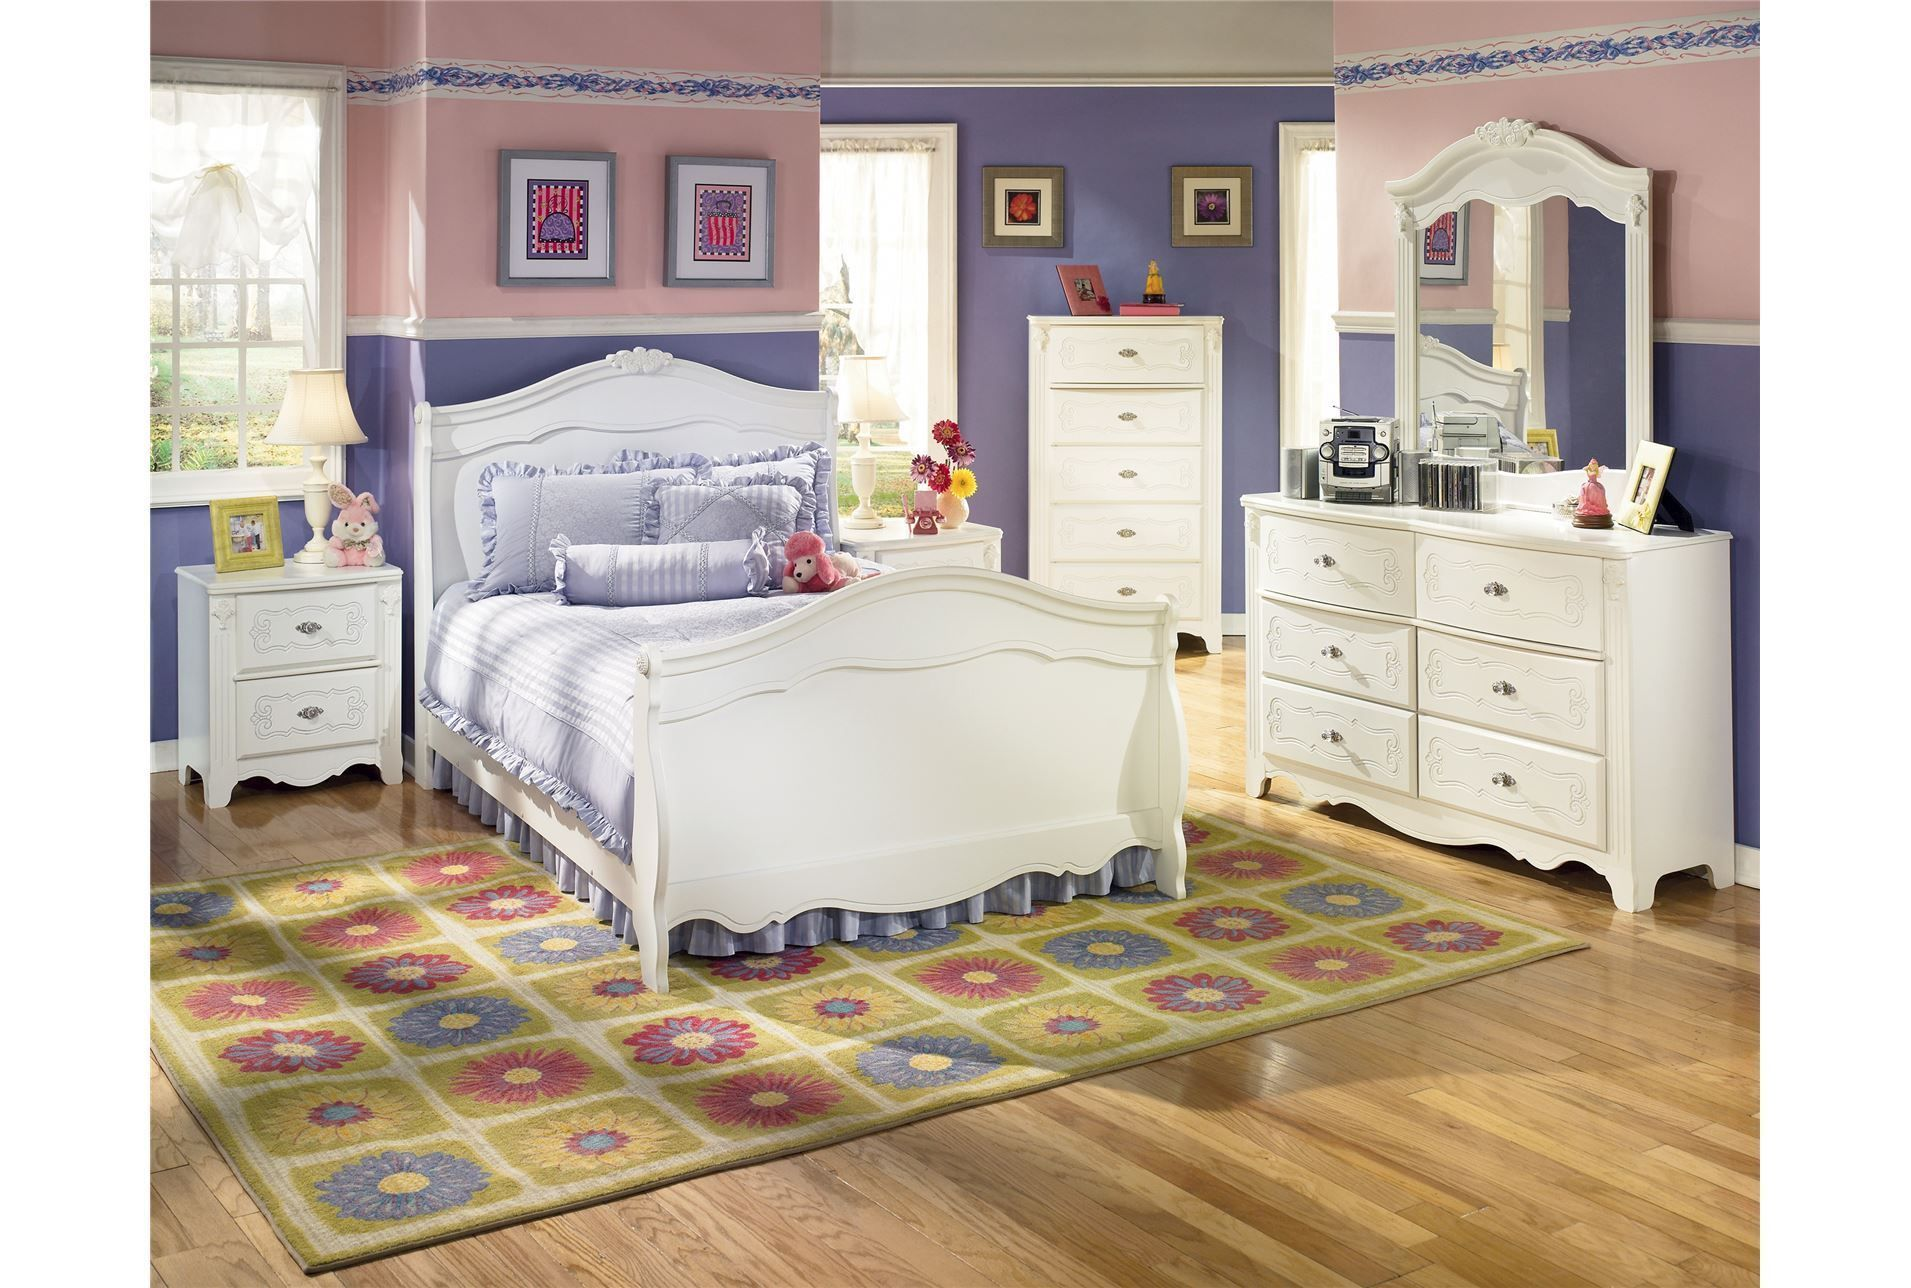 Exquisite Full Sleigh Bedlivingspacescom  Bedroom Home